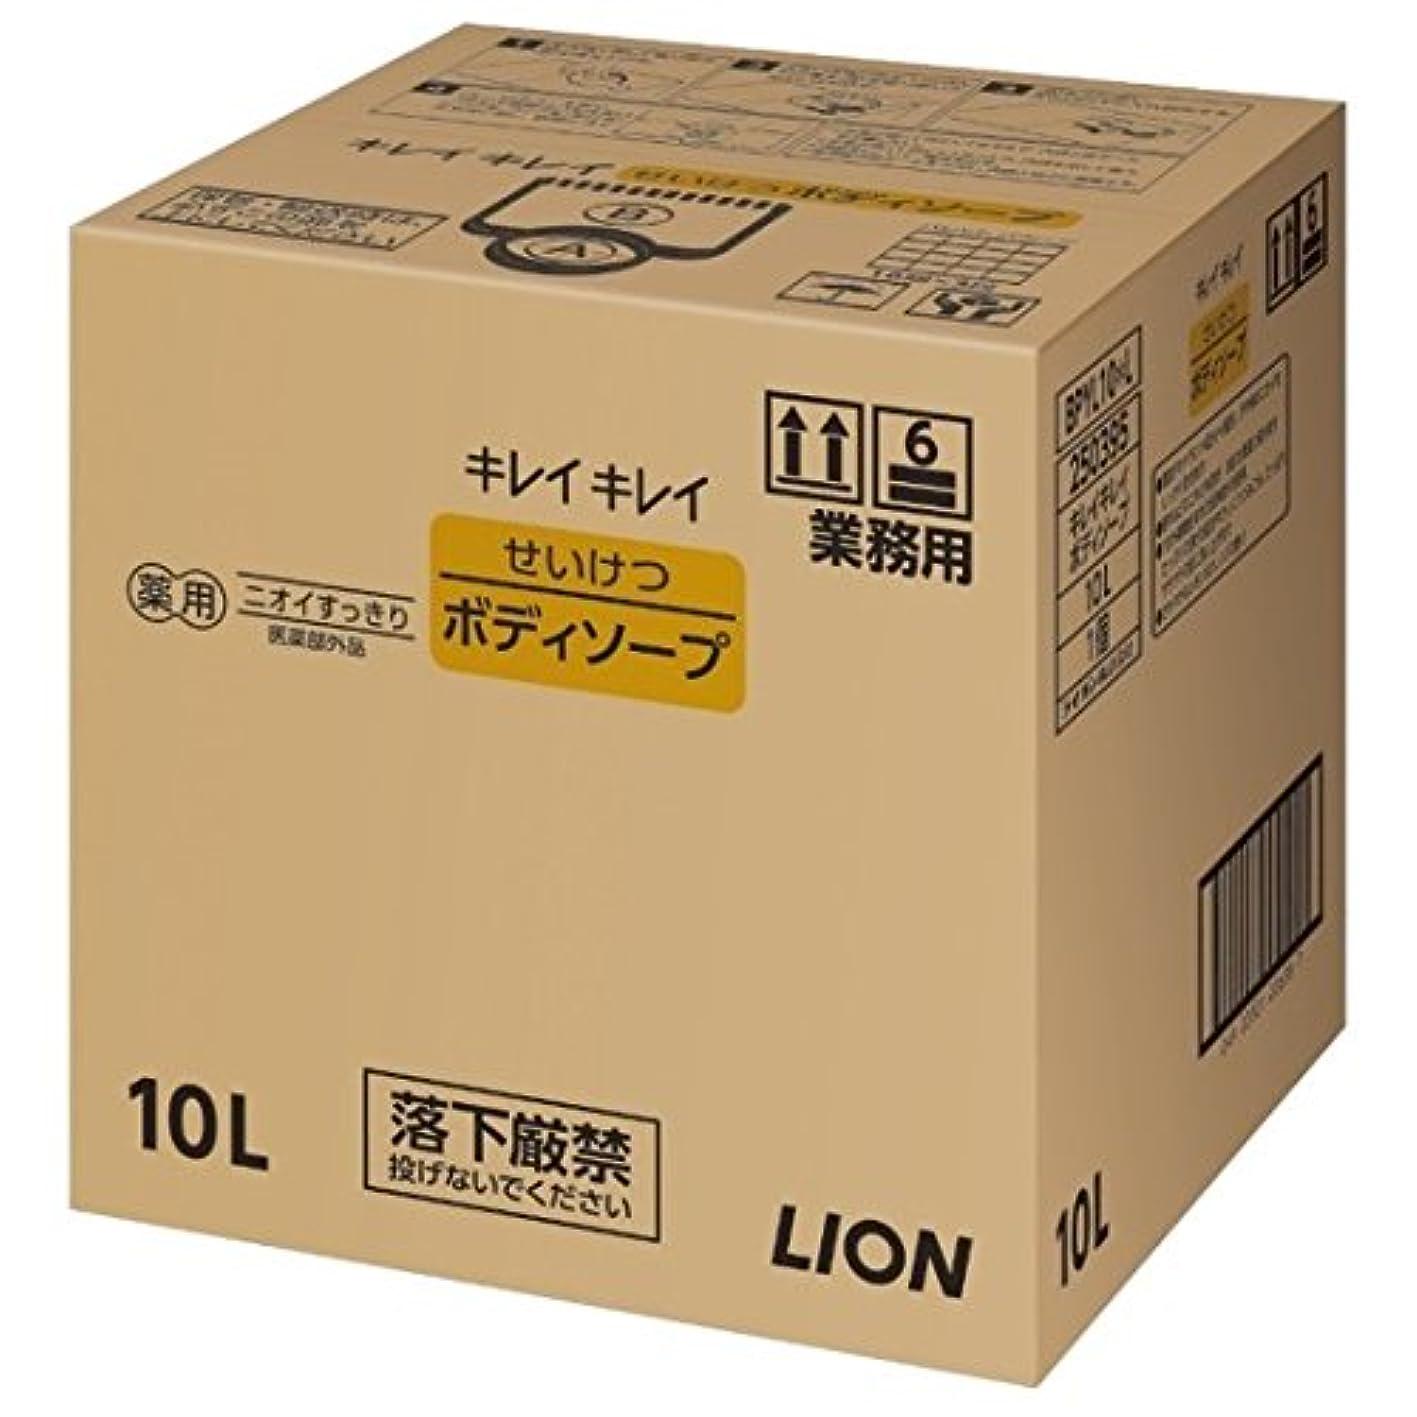 アクセル希少性コインライオン 業務用 キレイキレイ せいけつボディソープ 10L